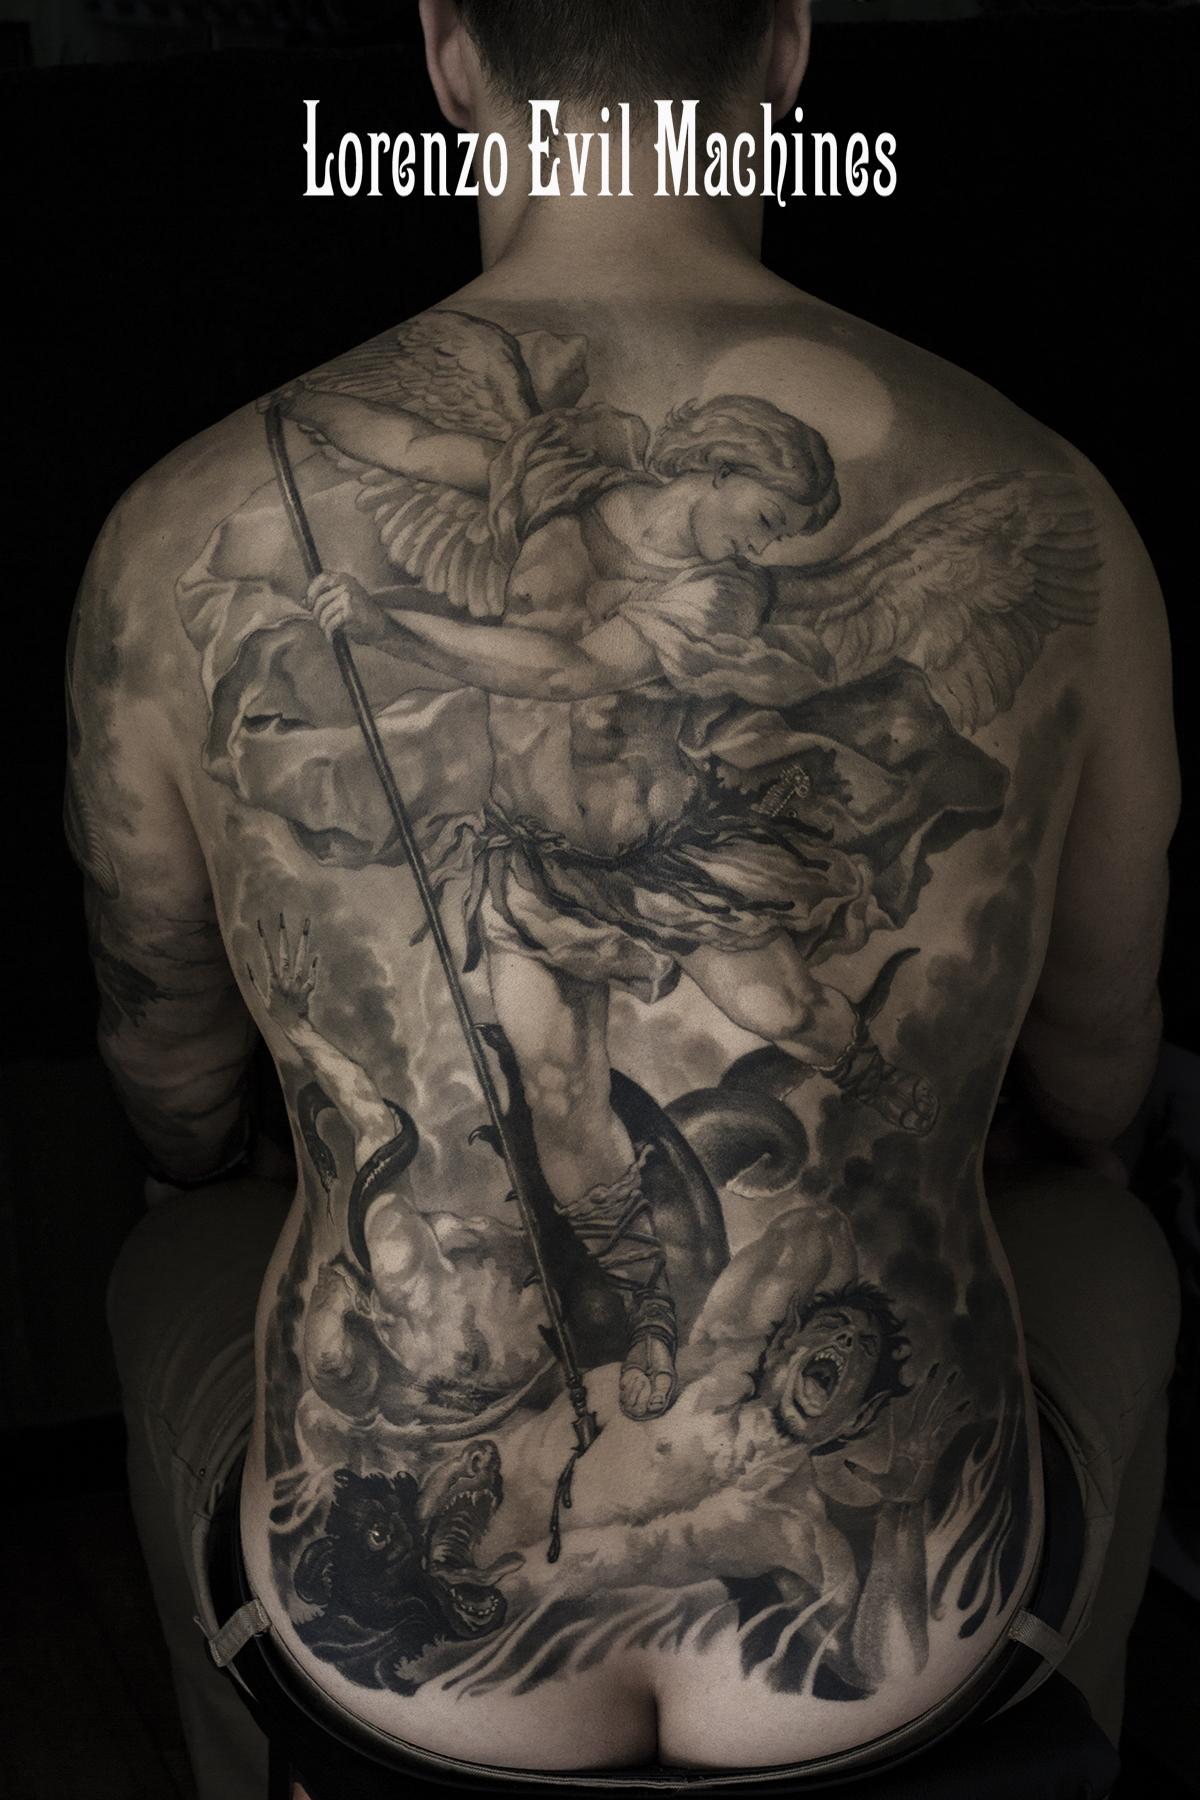 Angelo_S.Michele_diavolo_Lorenzo_tatuatore_Evil_Machines_realistic_tattoo_tatuaggi_realistici_3d_Roma_ritratti_migliore_best